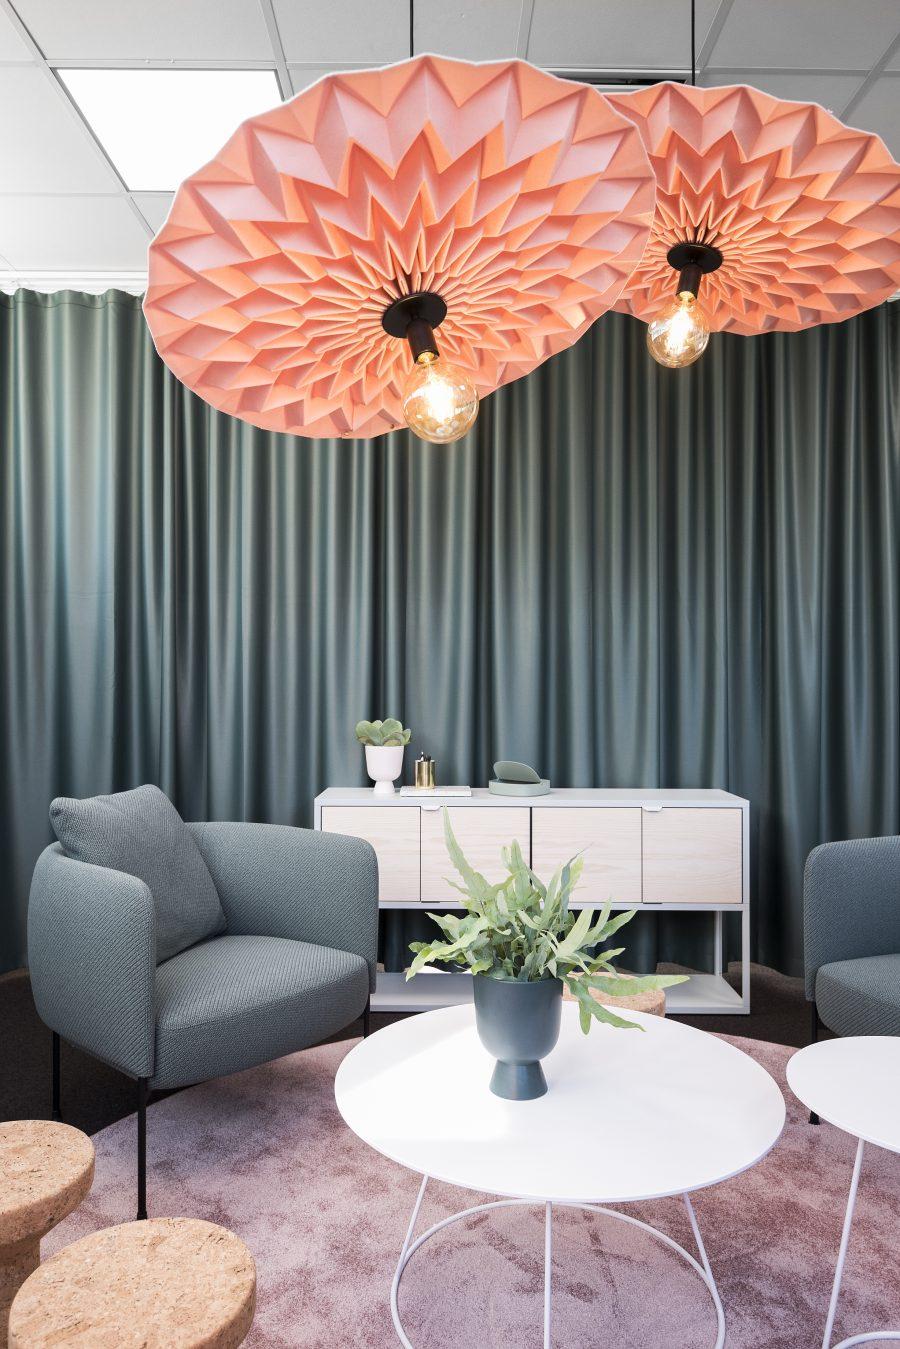 Matta Lux Exclusive 1066 under sittgrupp på Sigmas kontor, projekt av Addentity Interiör.